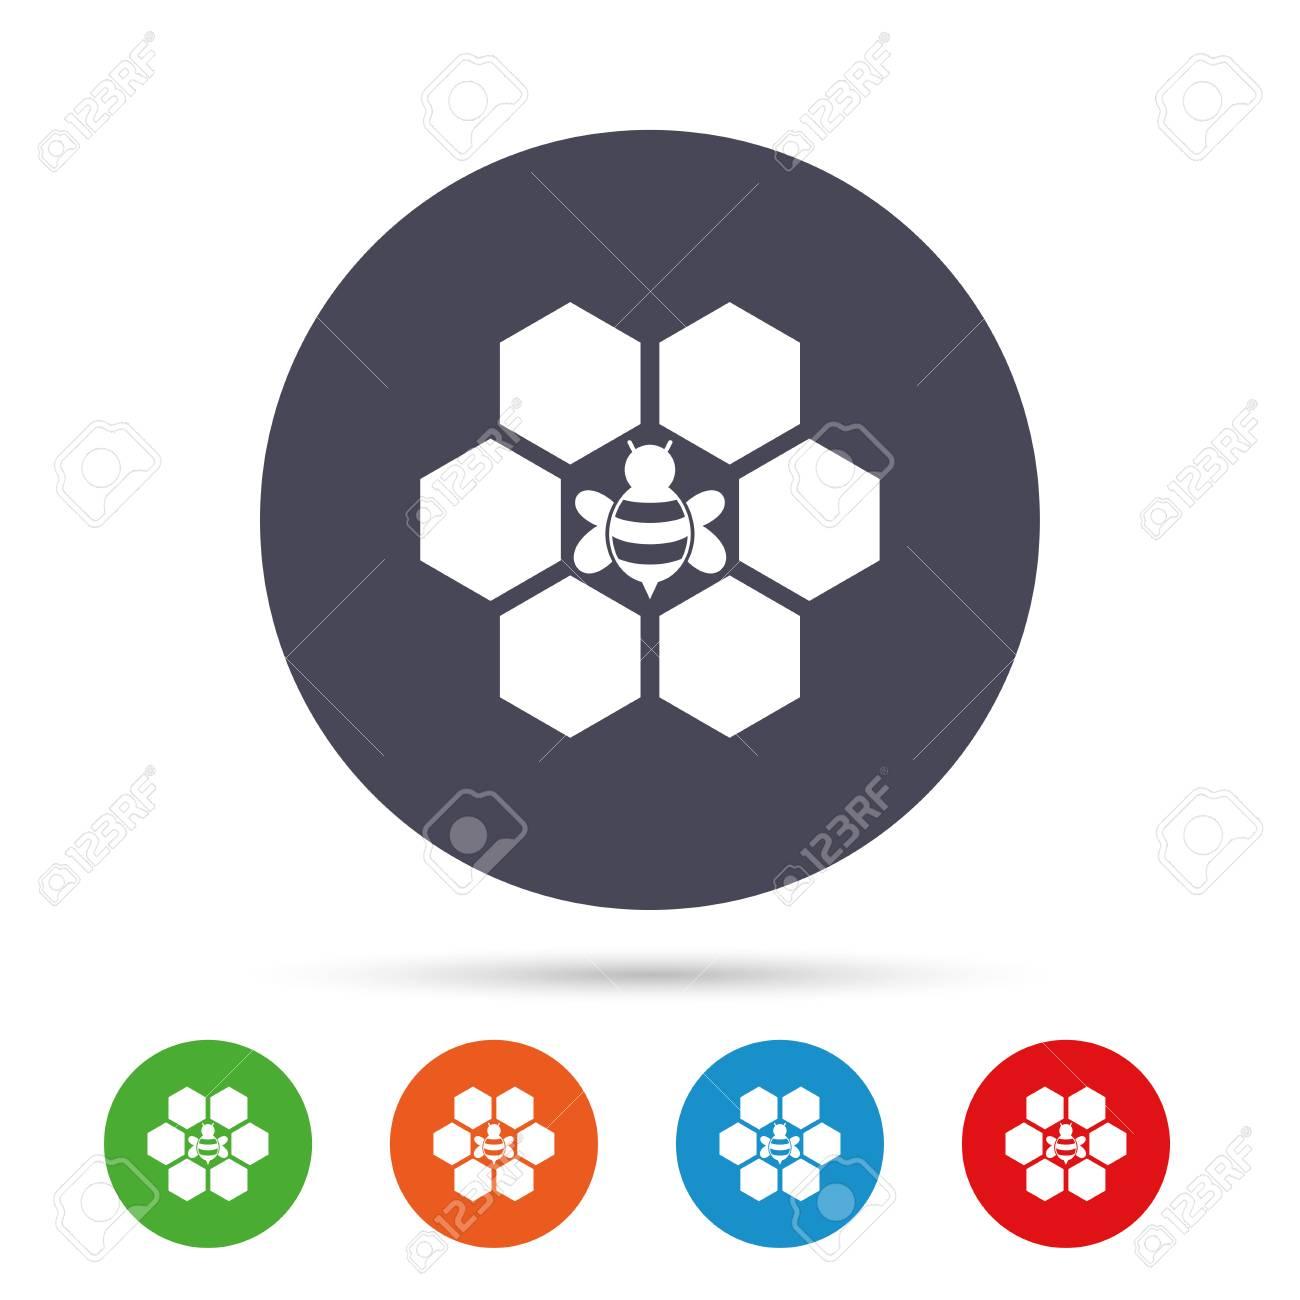 Schön Symbol Für Die Spannungsquelle Bilder - Elektrische Schaltplan ...